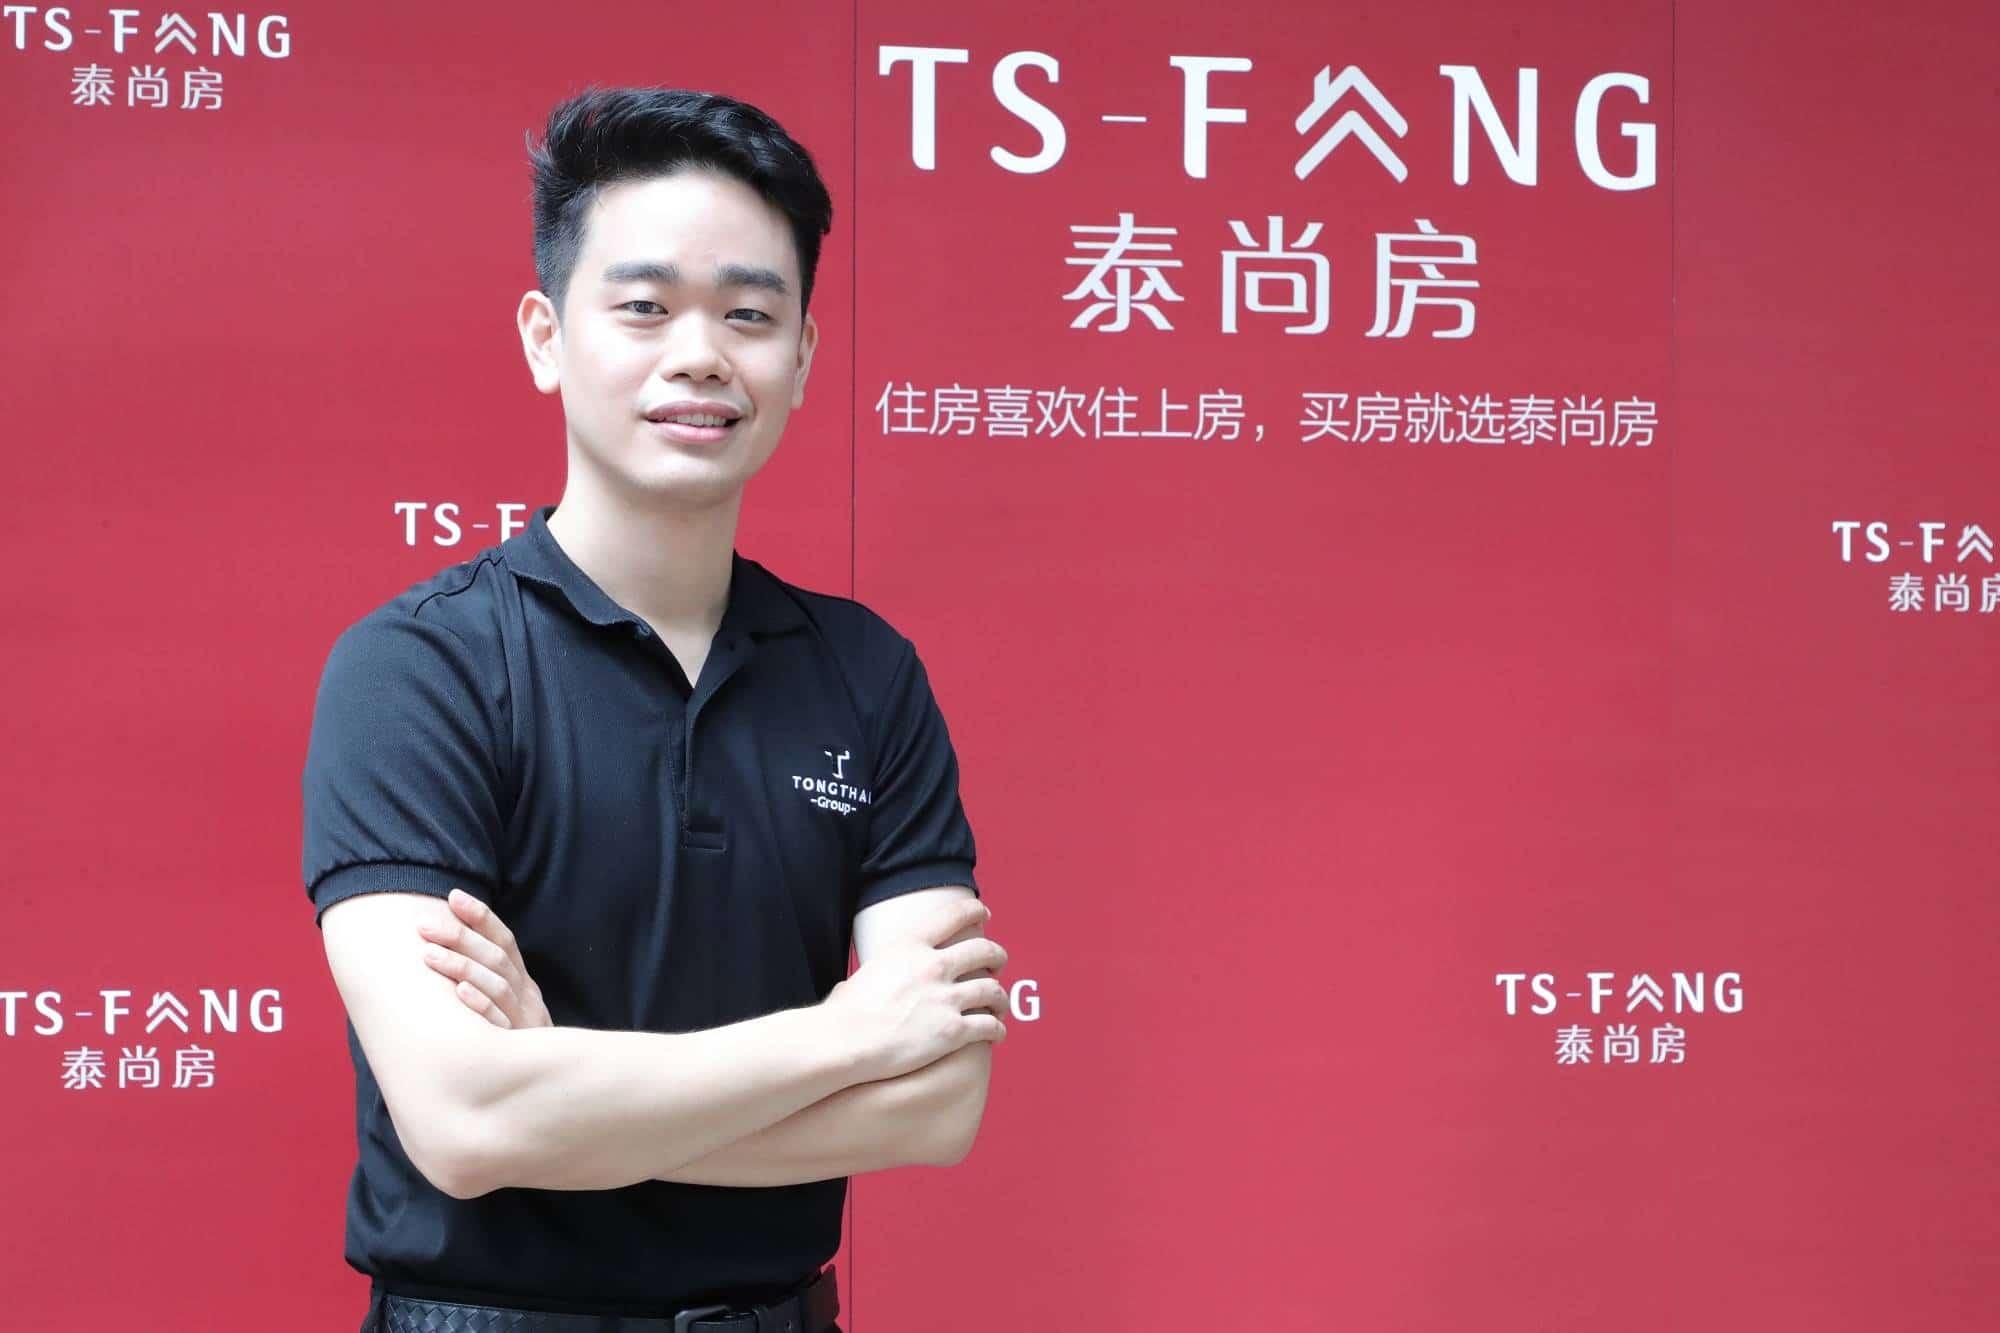 กลุ่มสตาร์ทอัพทุ่มงบกว่า30ล้านเปิดเว็บไซต์ภาษาจีน ผ่านแพลตฟอร์มO2O | Prop2Morrow บ้าน คอนโด ข่าวอสังหาฯ